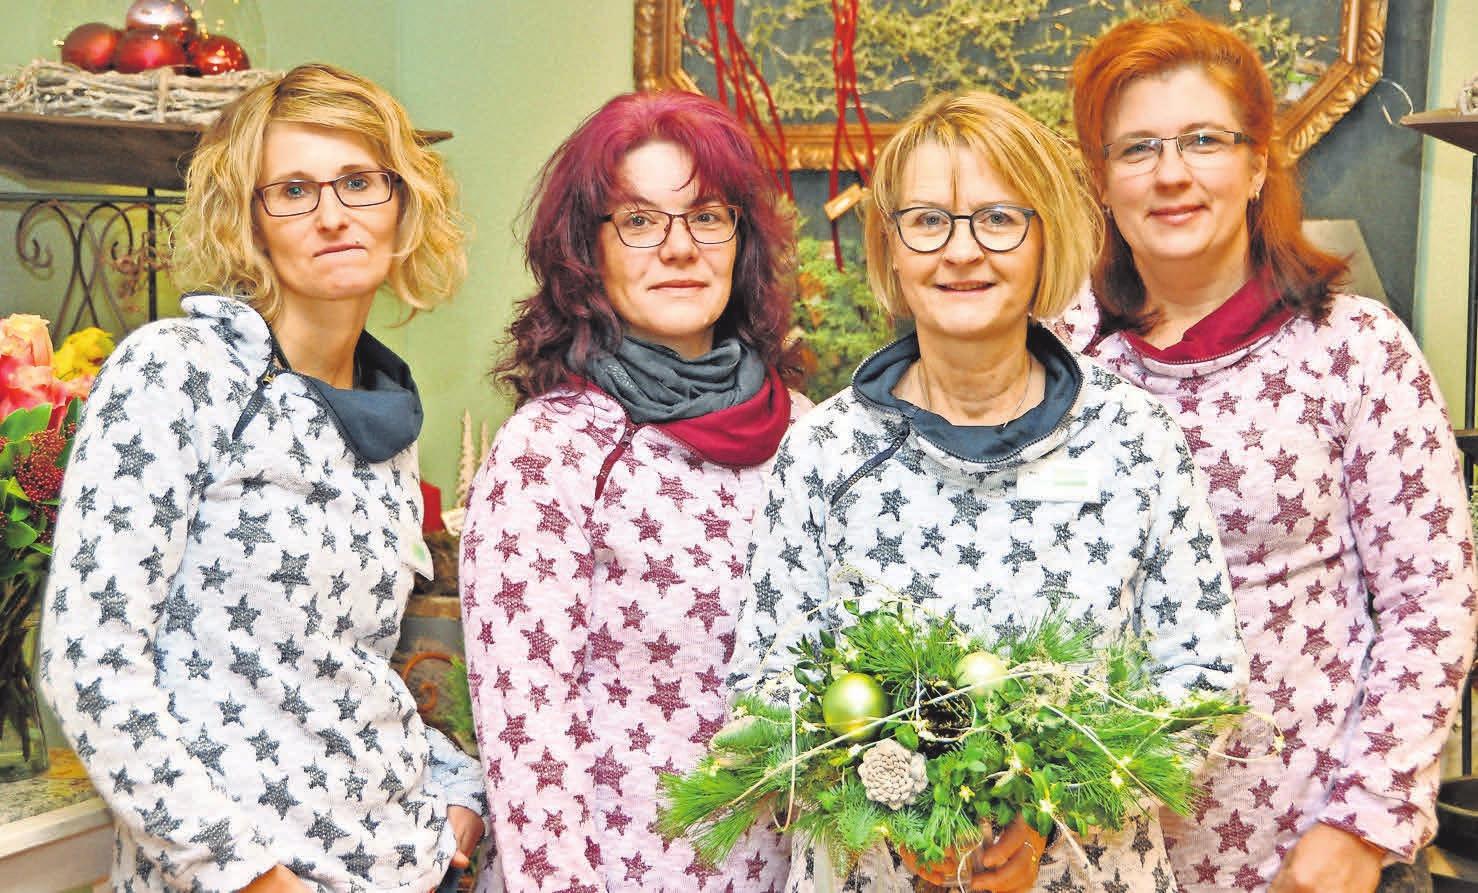 Das Team um Susanne Präger-Hoffmann (Zweite von rechts) hat in der Advents- und Weihnachtszeit viel zu bieten.